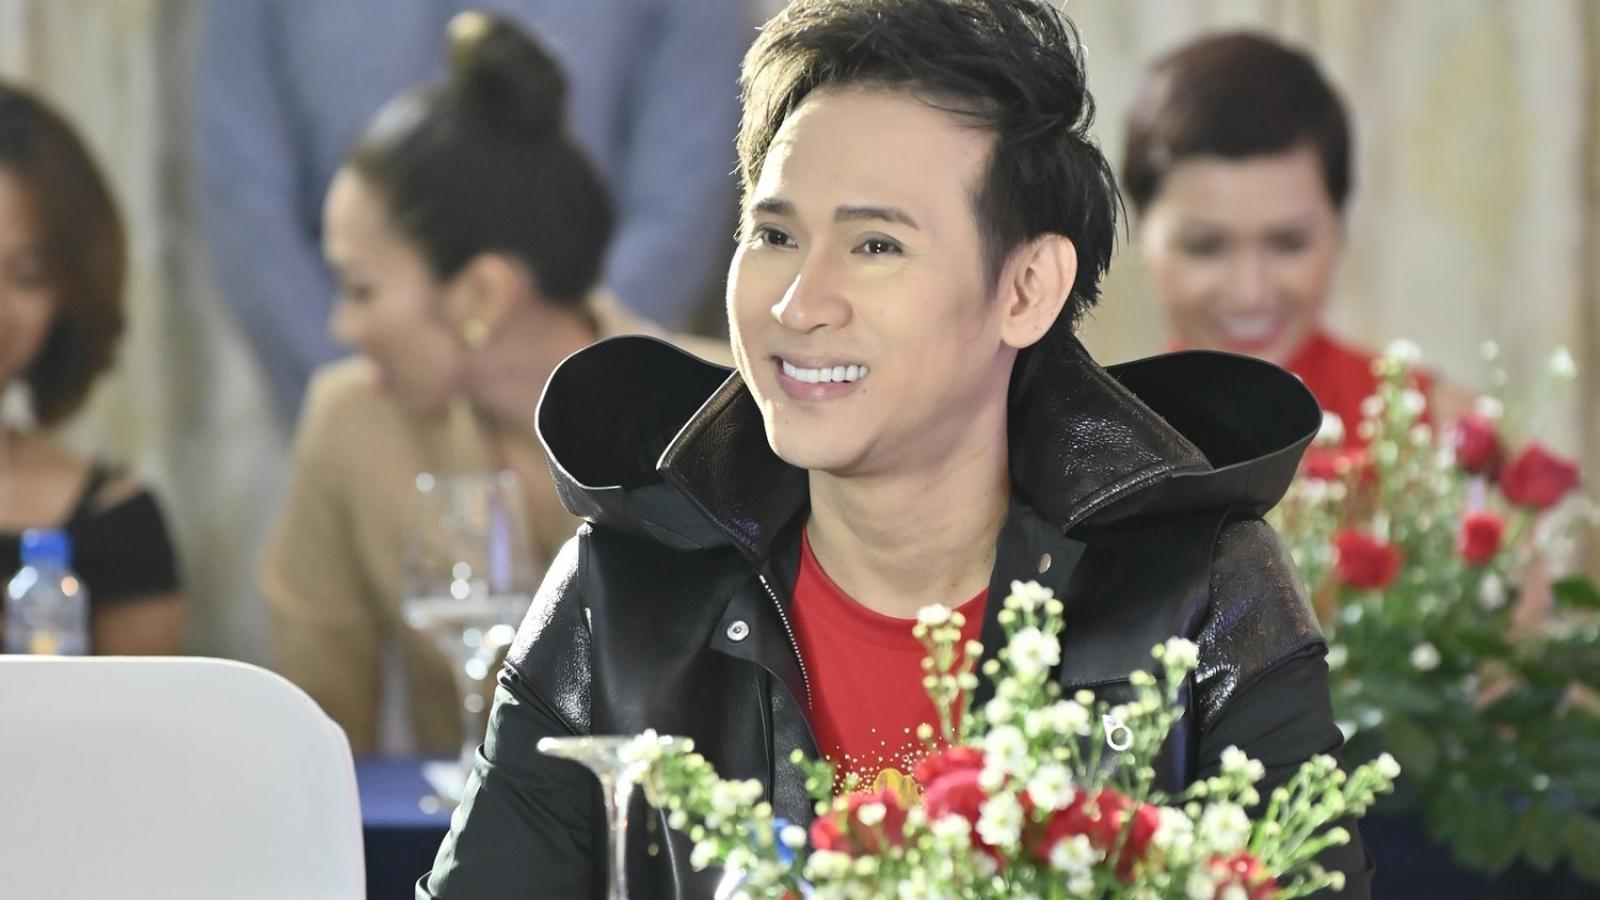 Diễn viên Hiền Mai, ca sĩ Nguyên Vũ làm giám khảo cuộc thi Hoa khôi doanh nhân